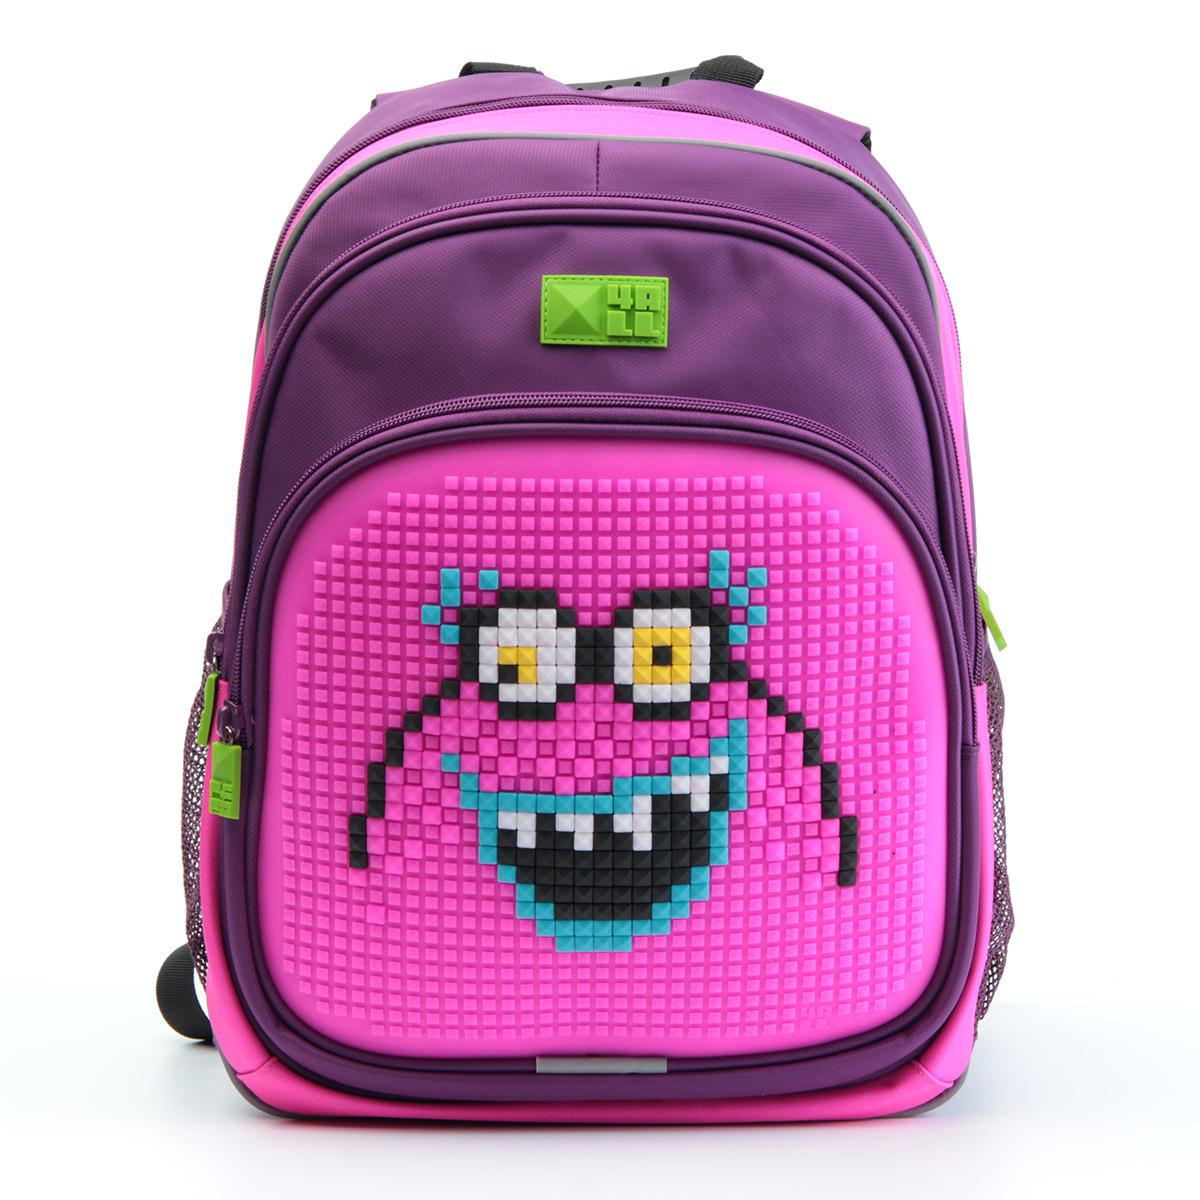 4ALL Рюкзак Kids цвет фиолетовый розовыйRK61-07NРюкзак 4ALL - это одновременно яркий, функциональный школьный аксессуар и площадка для самовыражения. Уникальные рюкзаки Kids имеют гипоаллергенную силиконовую панель и разноцветные мозаичные биты, с помощью которых на рюкзаке можно создавать графические шедевры хоть каждый день! Модель выполнена из полиэстера с водоотталкивающей пропиткой. Рюкзак имеет 2 отделения, снаружи расположены 3 кармана (передний - на молнии, боковые - сетчатые). Система Air Comfort System обеспечивает свободную циркуляцию воздуха между задней стенкой рюкзака и спиной ребенка. Система Ergo System служит равномерному распределению нагрузки на спину ребенка, сохранению правильной осанки. Она способна сделать рюкзак, наполненный учебниками, легким. Ортопедическая спинка как корсет поддерживает позвоночник, правильно распределяя нагрузку. Простая и удобная конструкция спины и лямок позволяет использовать рюкзак даже деткам от 3-х лет. Светоотражающие вставки отвечают за безопасность...